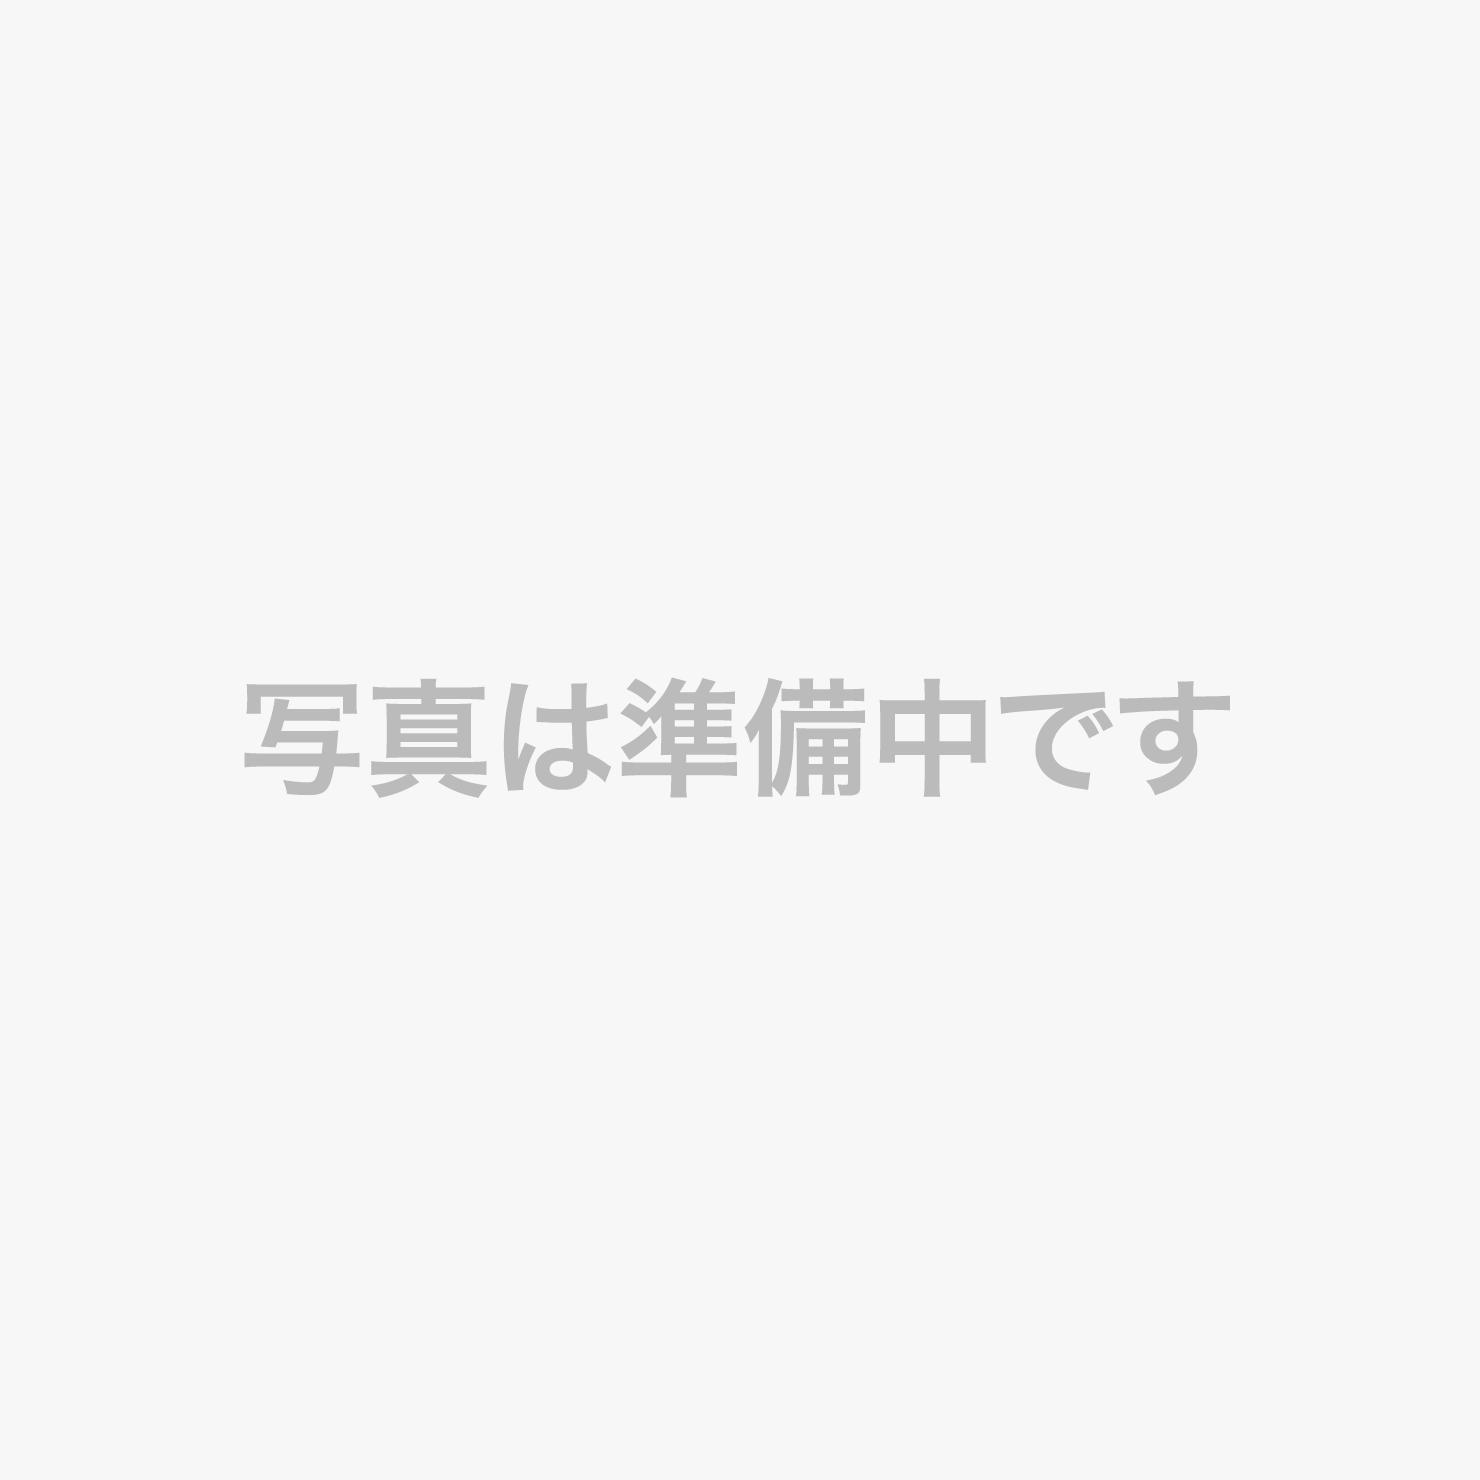 下田キュイジーヌ、金目鯛の味噌漬け一例